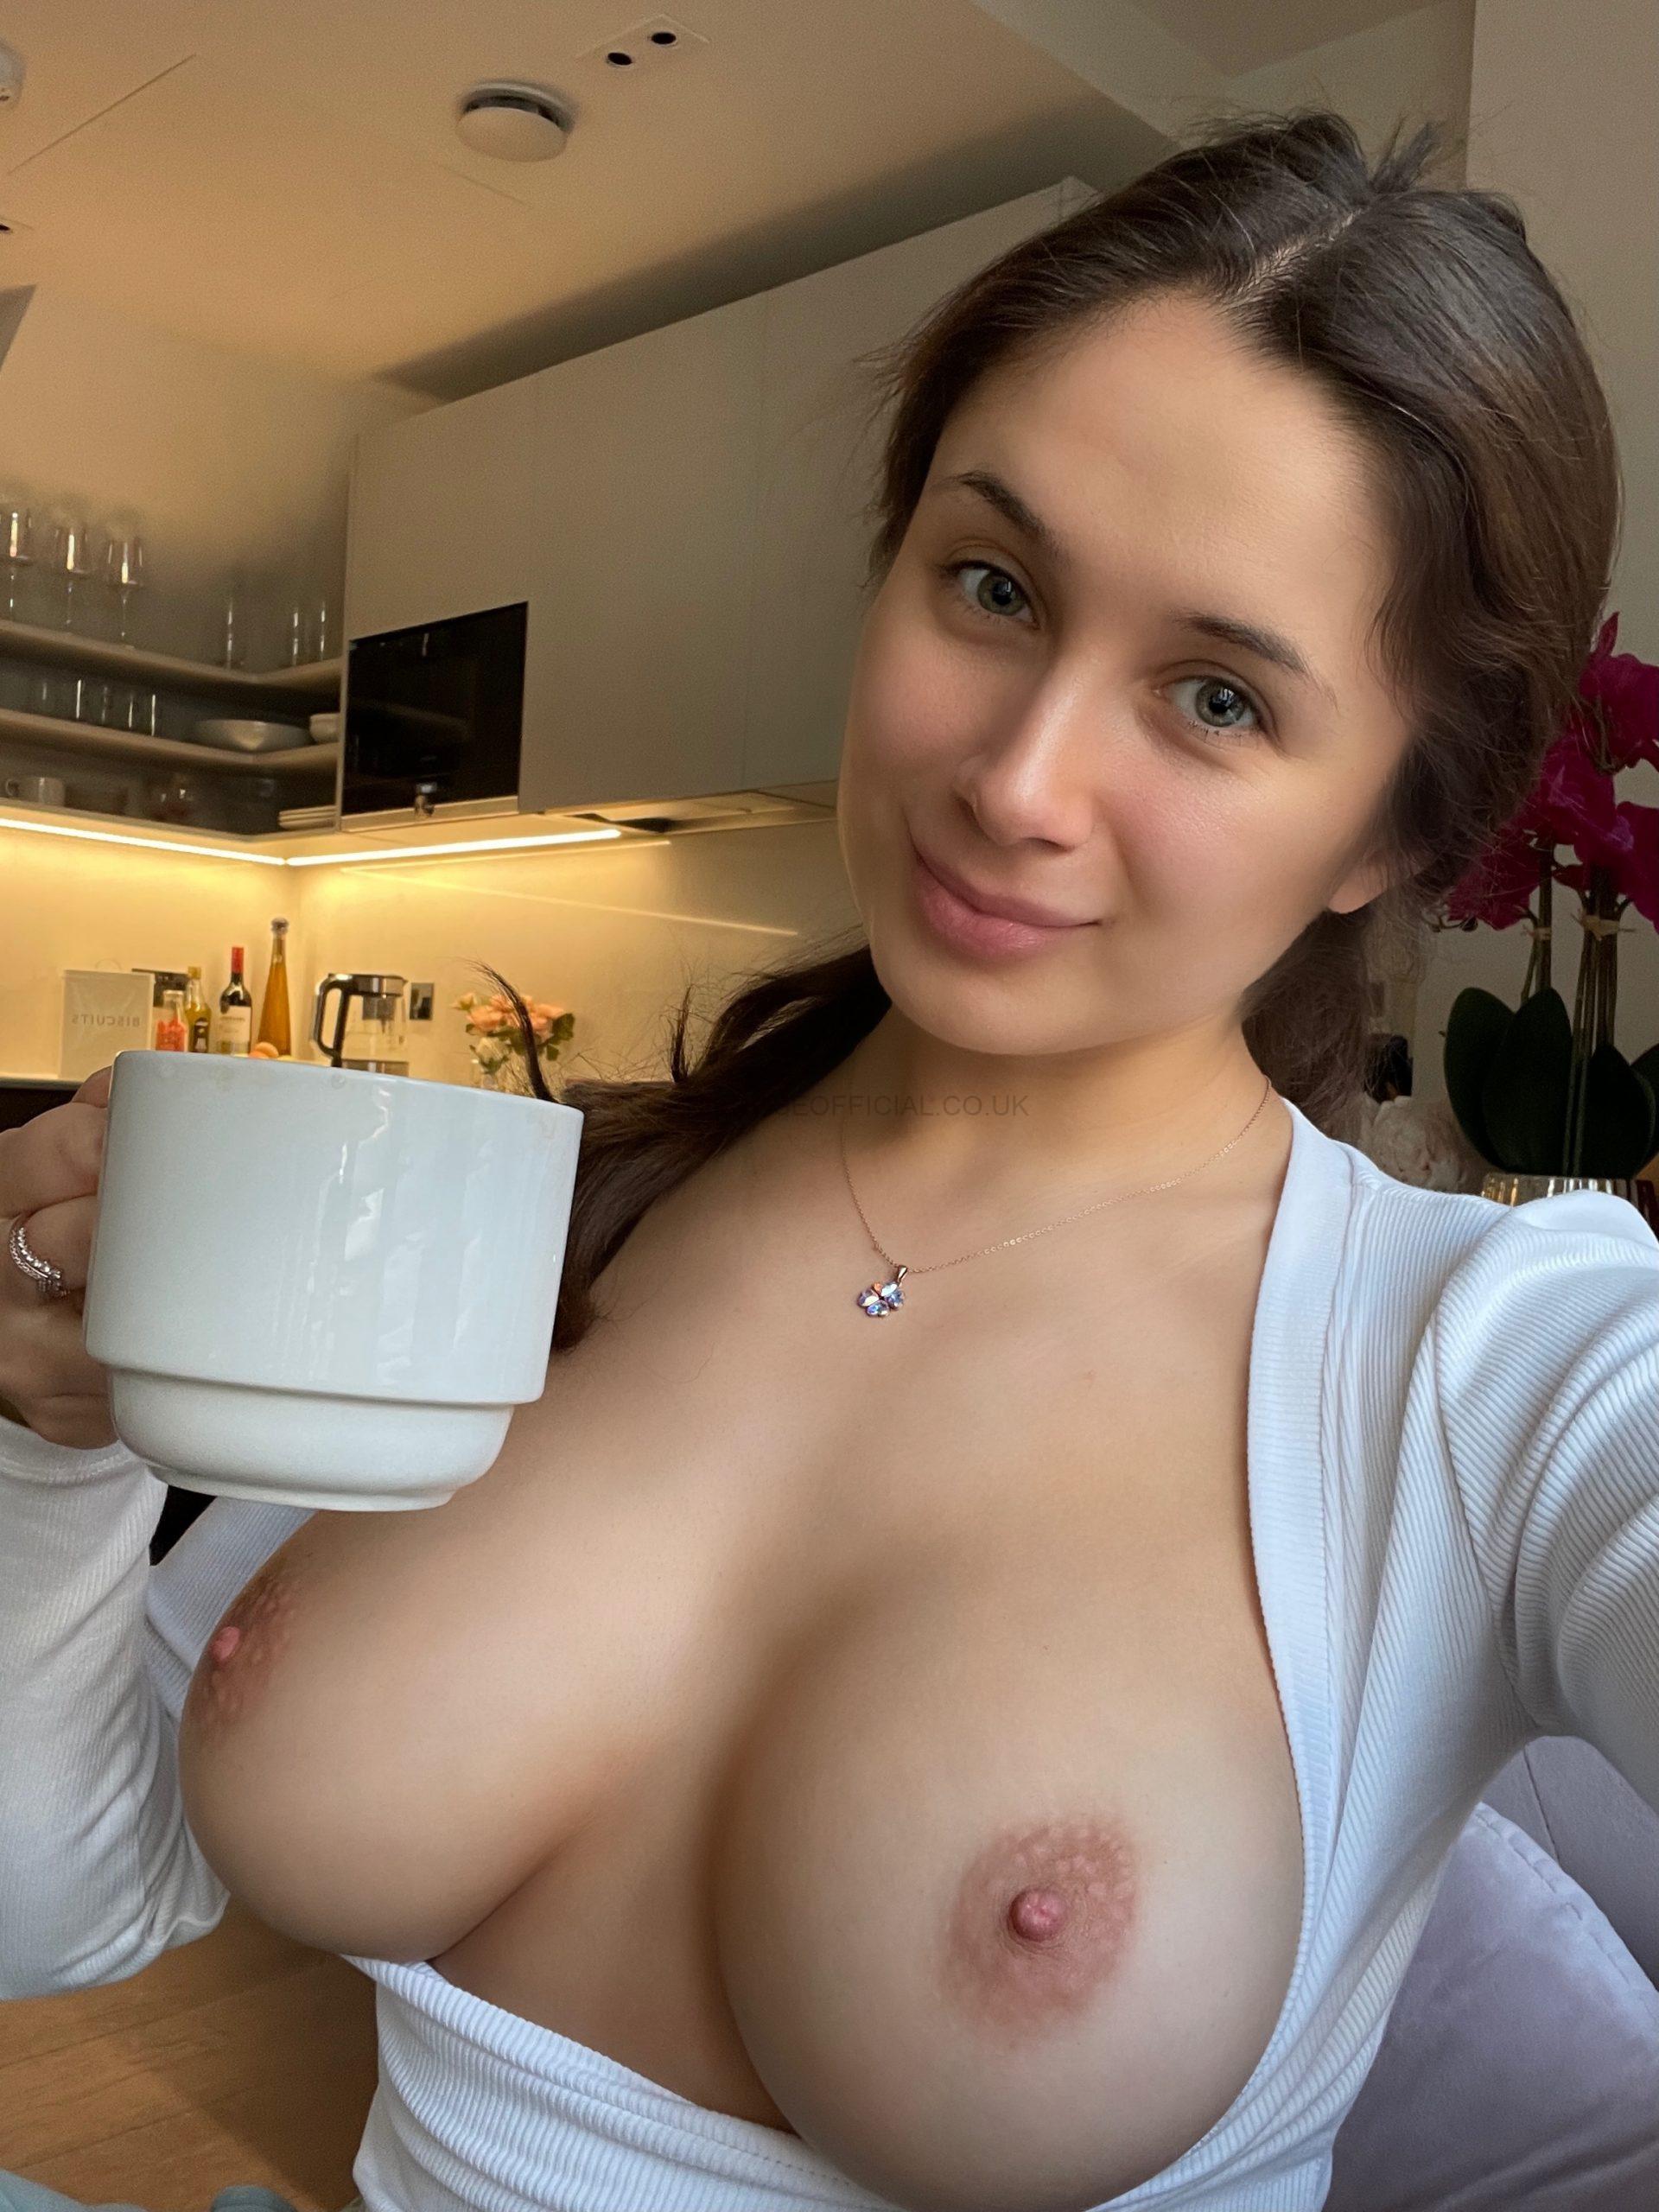 Green Tea anyone? 😛